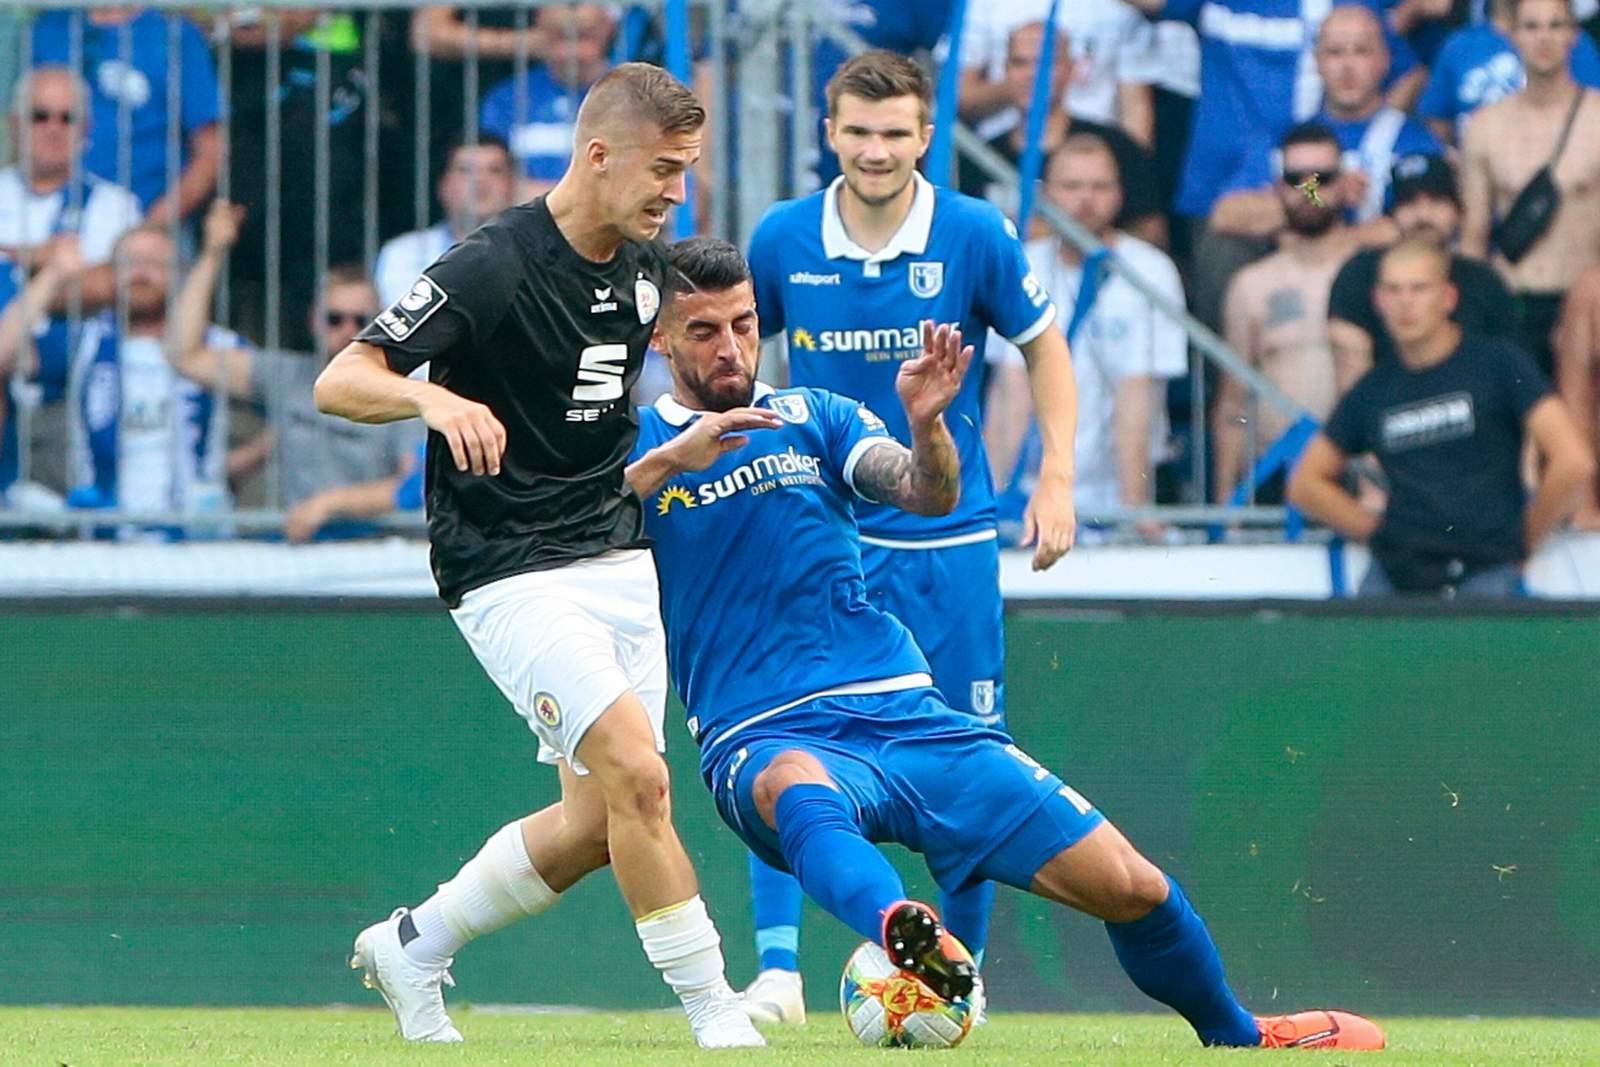 Martin Kobylanski von Eintracht Braunschweig im Spiel gegen Magdeburg